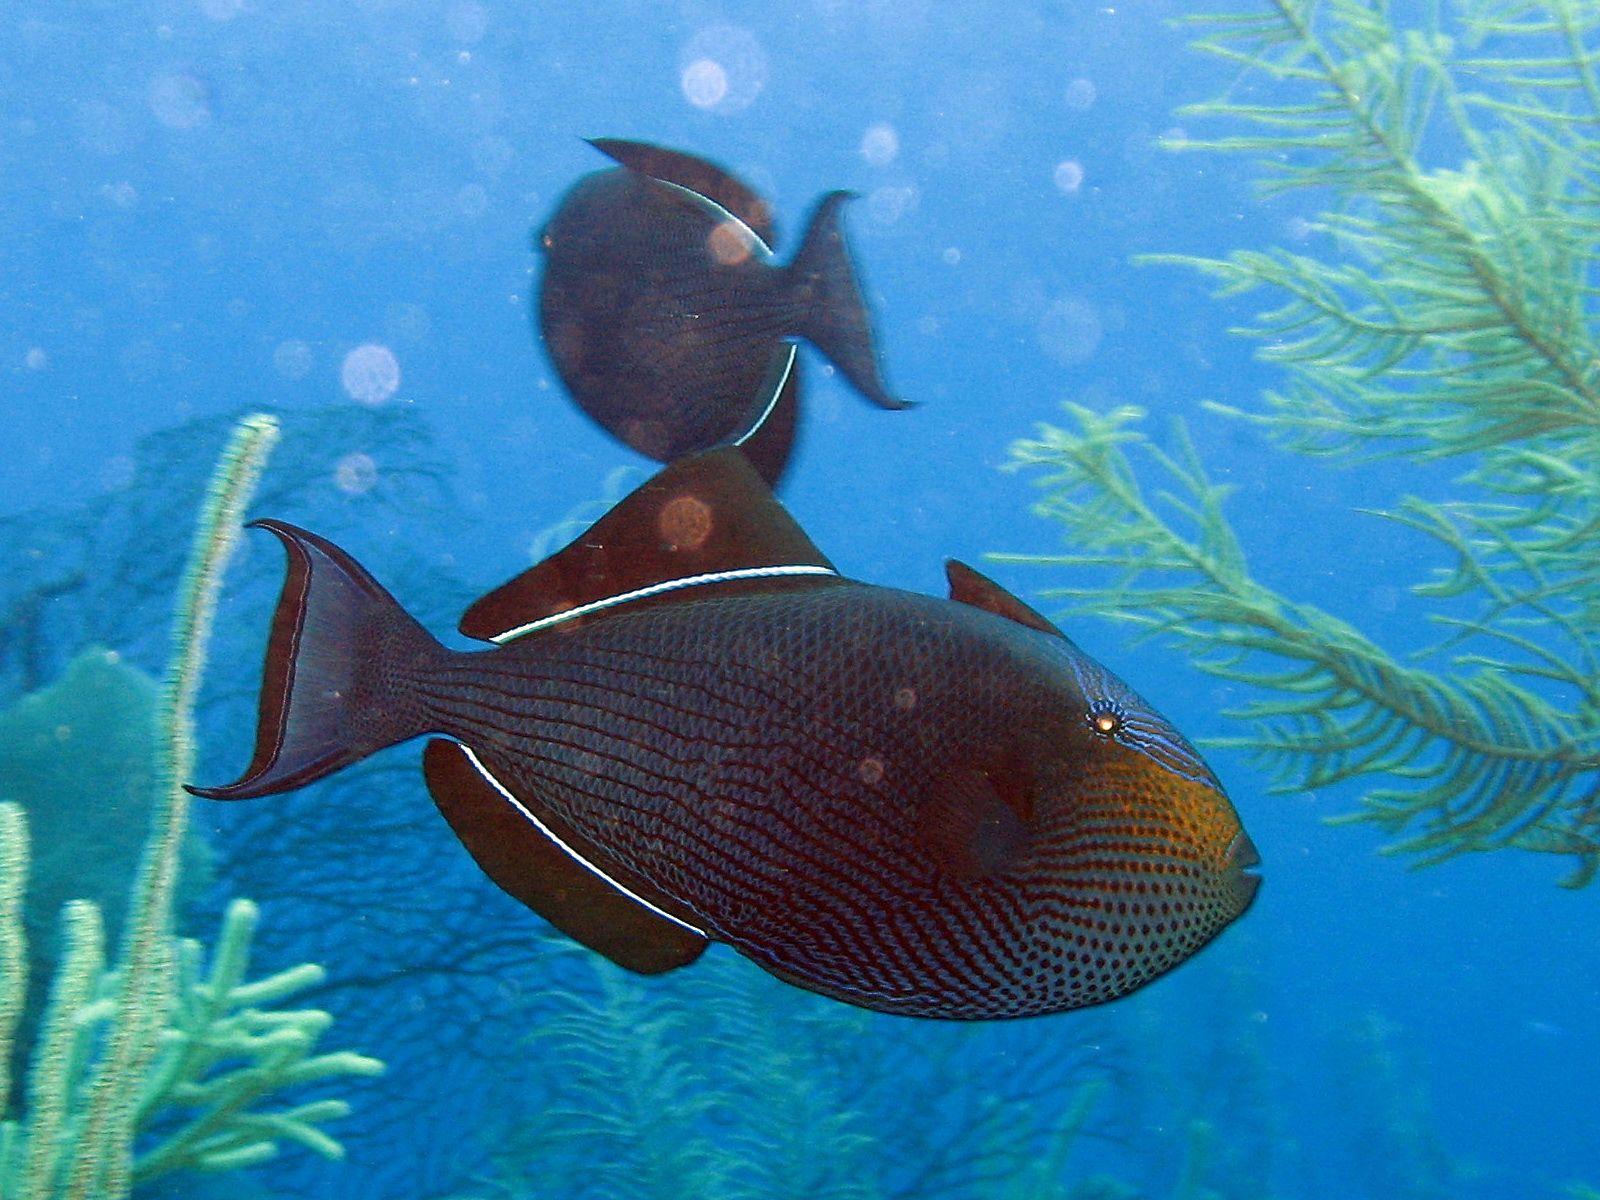 Black Triggerfish In Algae Photo Marine Animals Fish Pet Marine Life Ocean underwater life fish corals algae